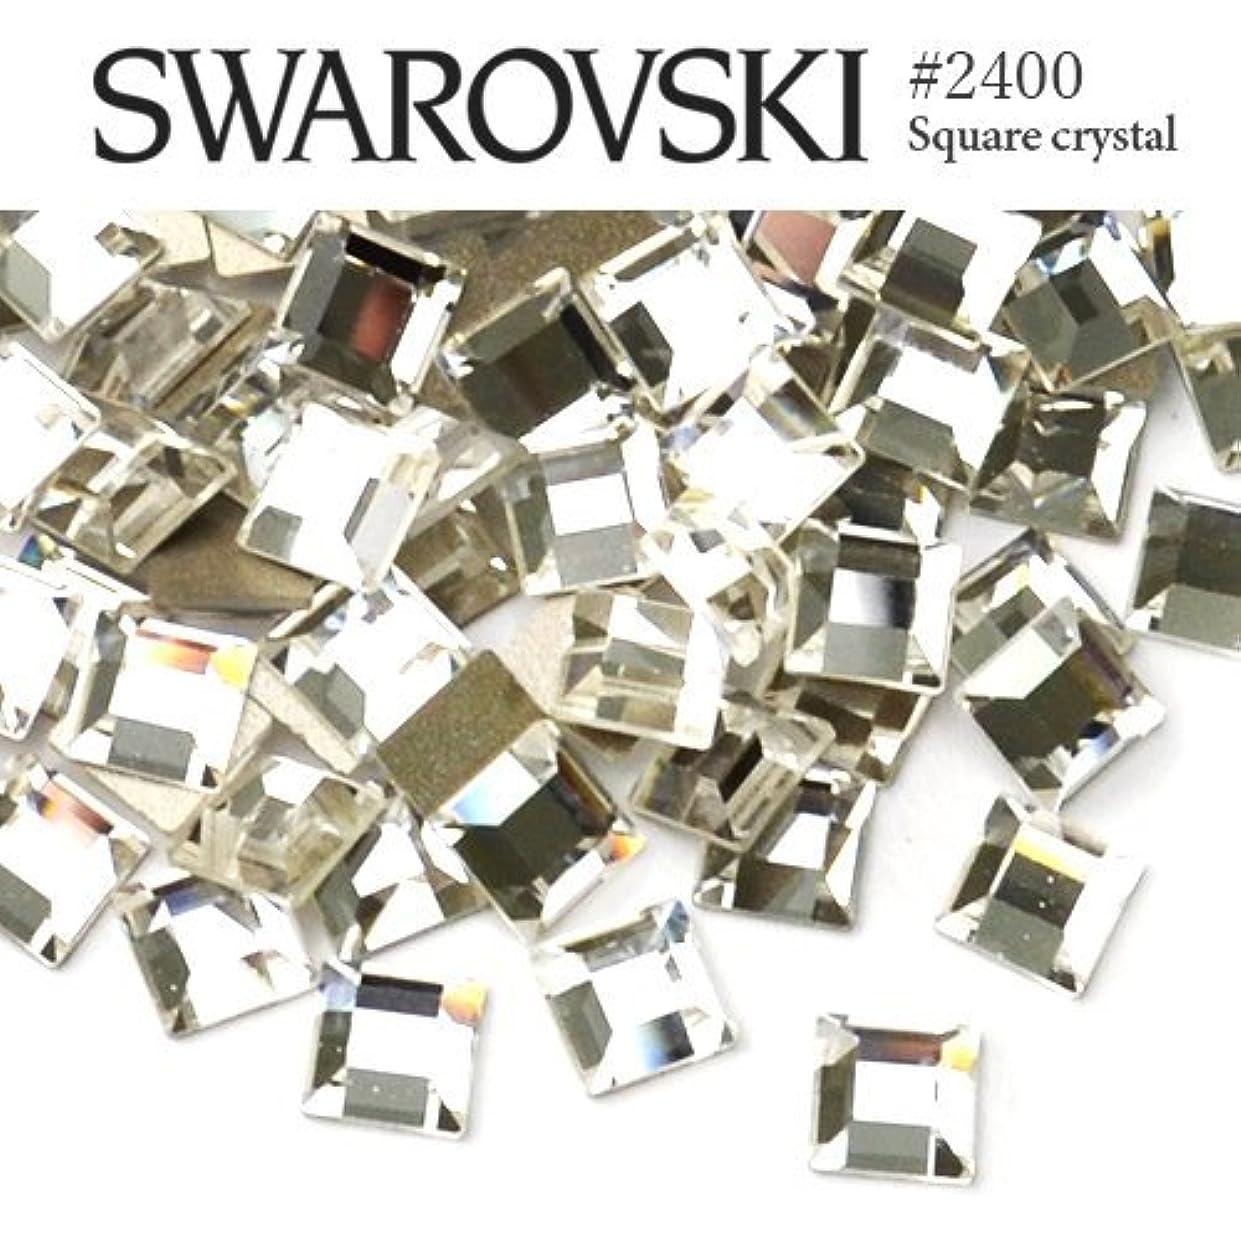 エッセイブレースオフェンス#2400 スクエア (正方形) [クリスタル] 3mm 20粒入り スワロフスキー ラインストーン